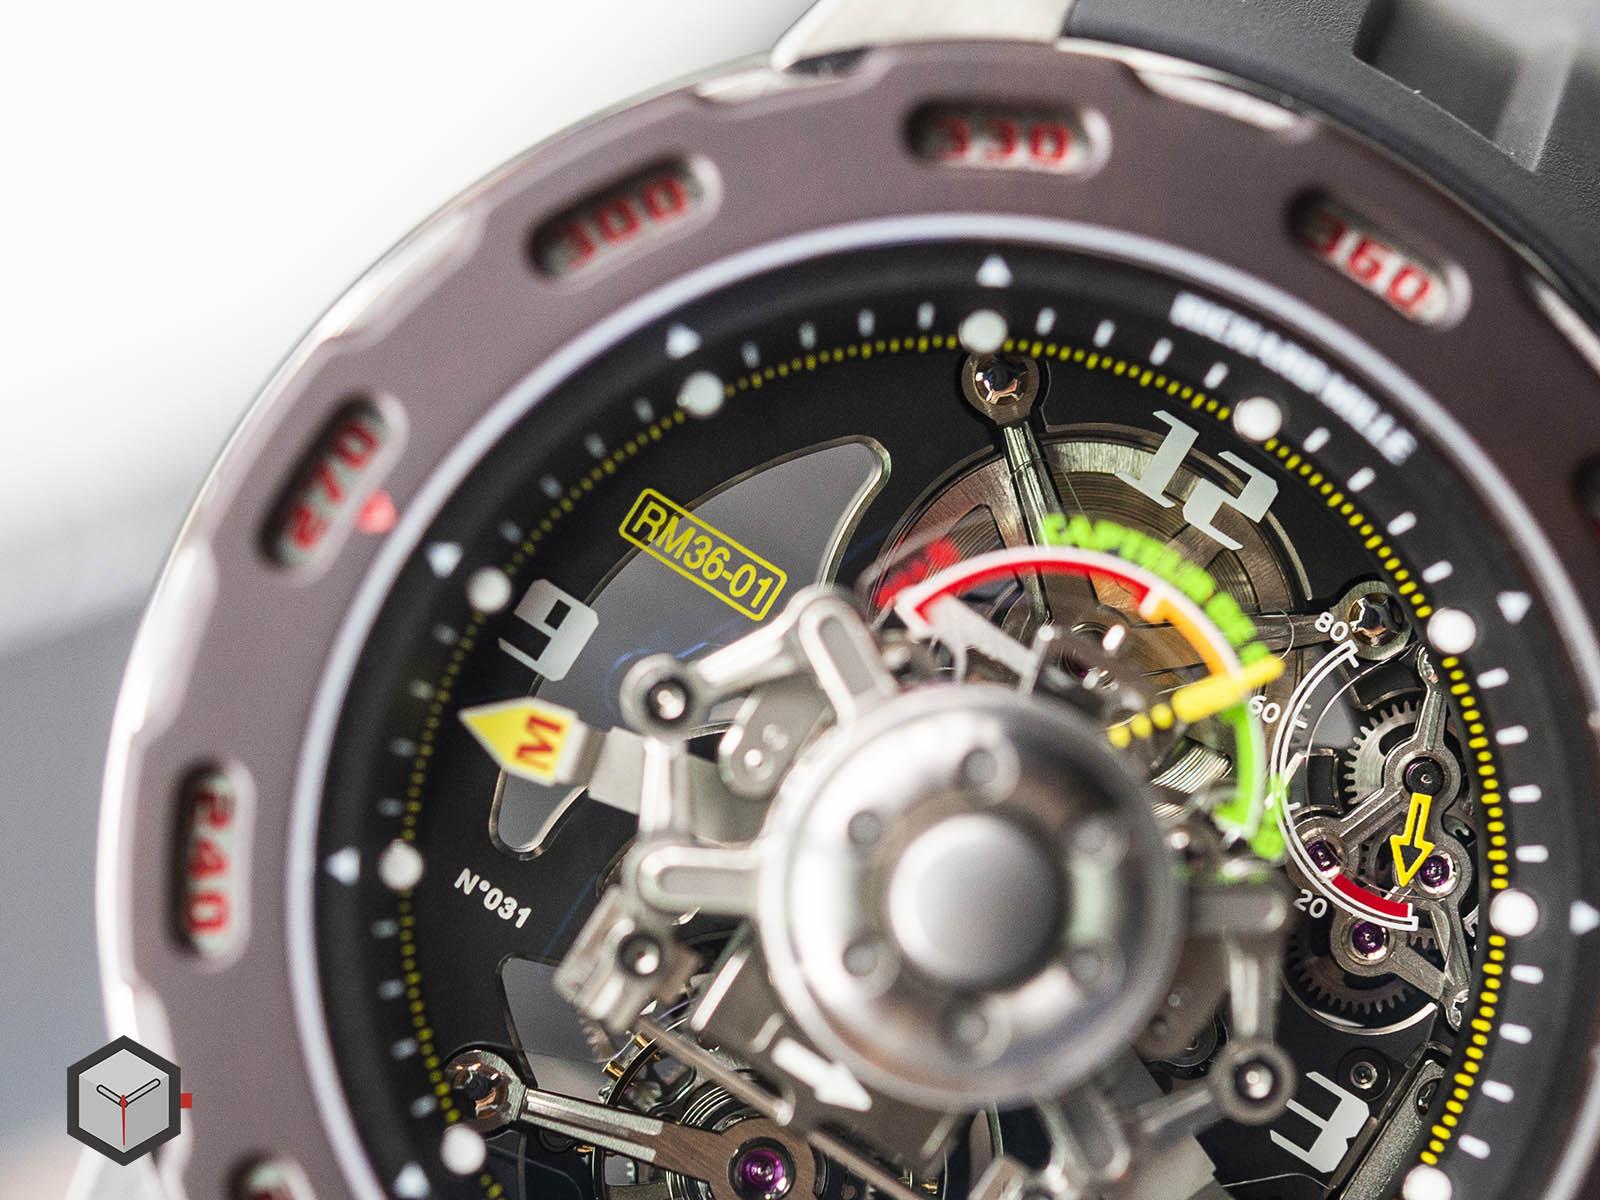 richard-mille-rm-36-01-tourbillon-g-sensor-sebastien-loeb-5.jpg